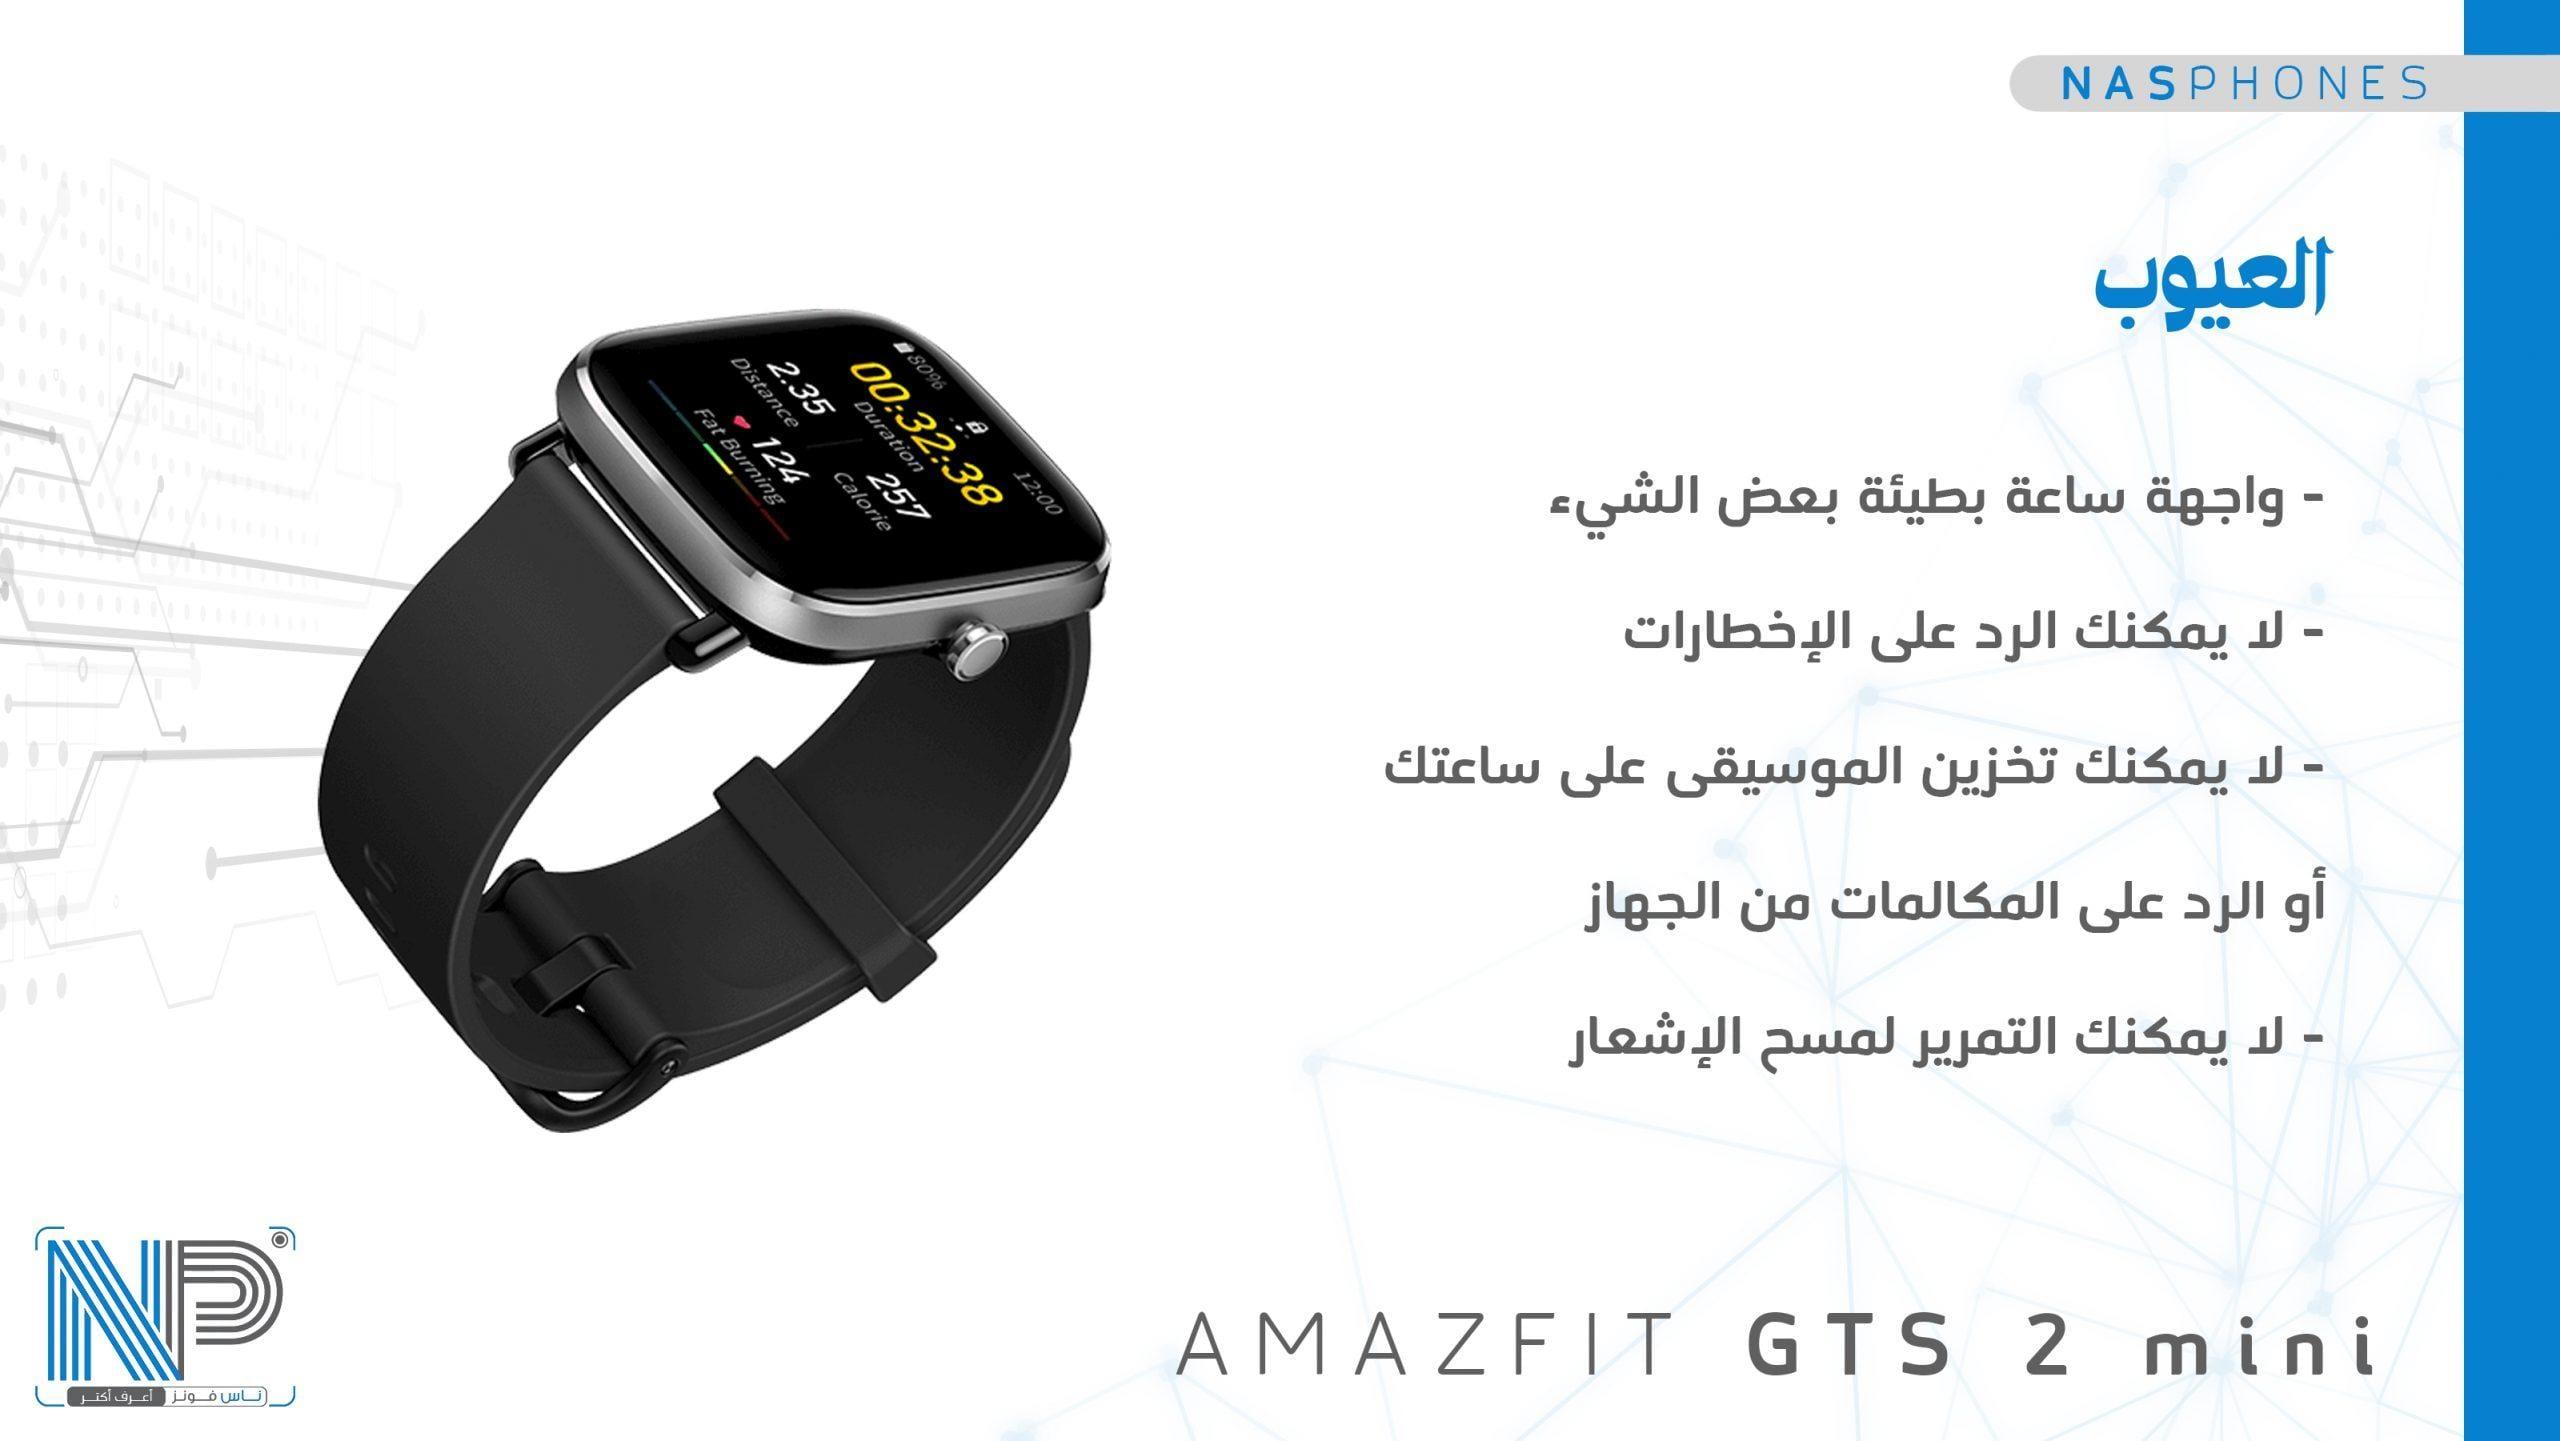 عيوب Amazfit GTS 2 mini